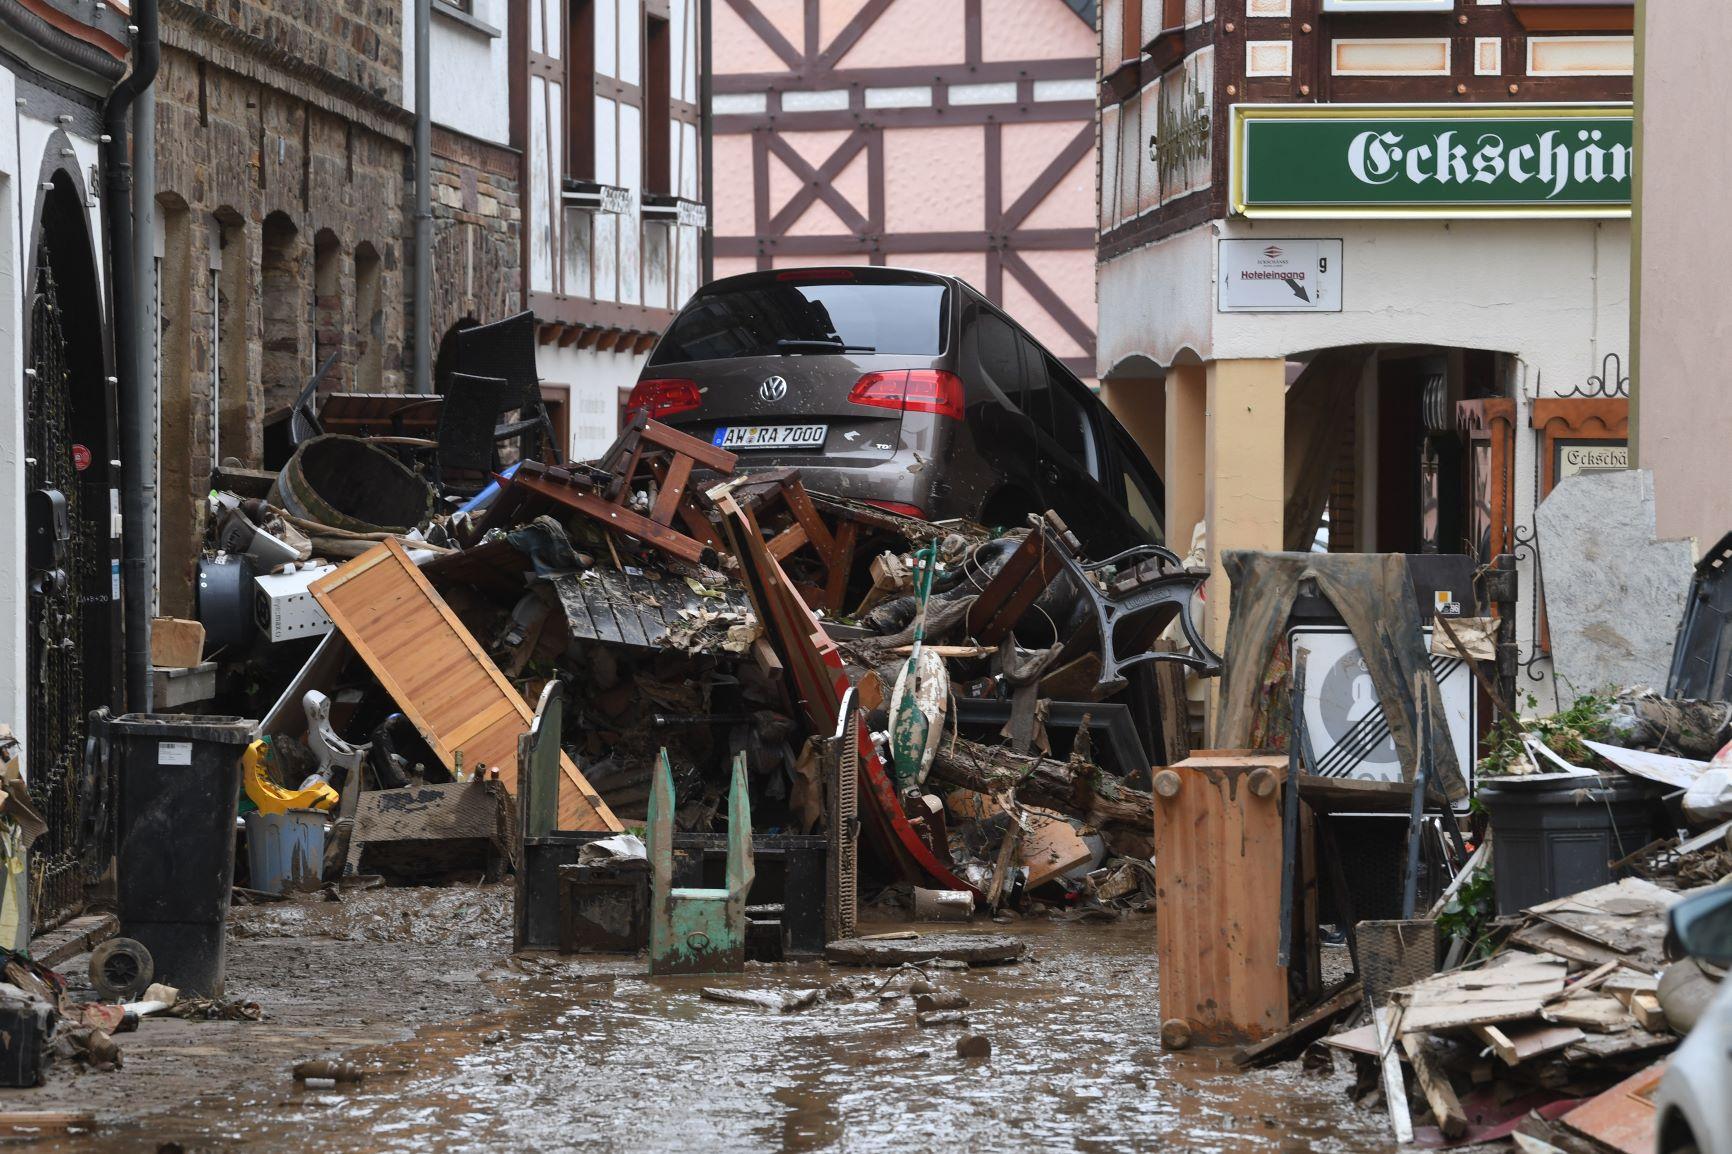 Destruição causada pelas enchentes em Bad Neuenahr-Ahrweiler, na Alemanha: número de mortos se aproxima de 200 (Foto: Cristof Stache / AFP - 17/07/2021)